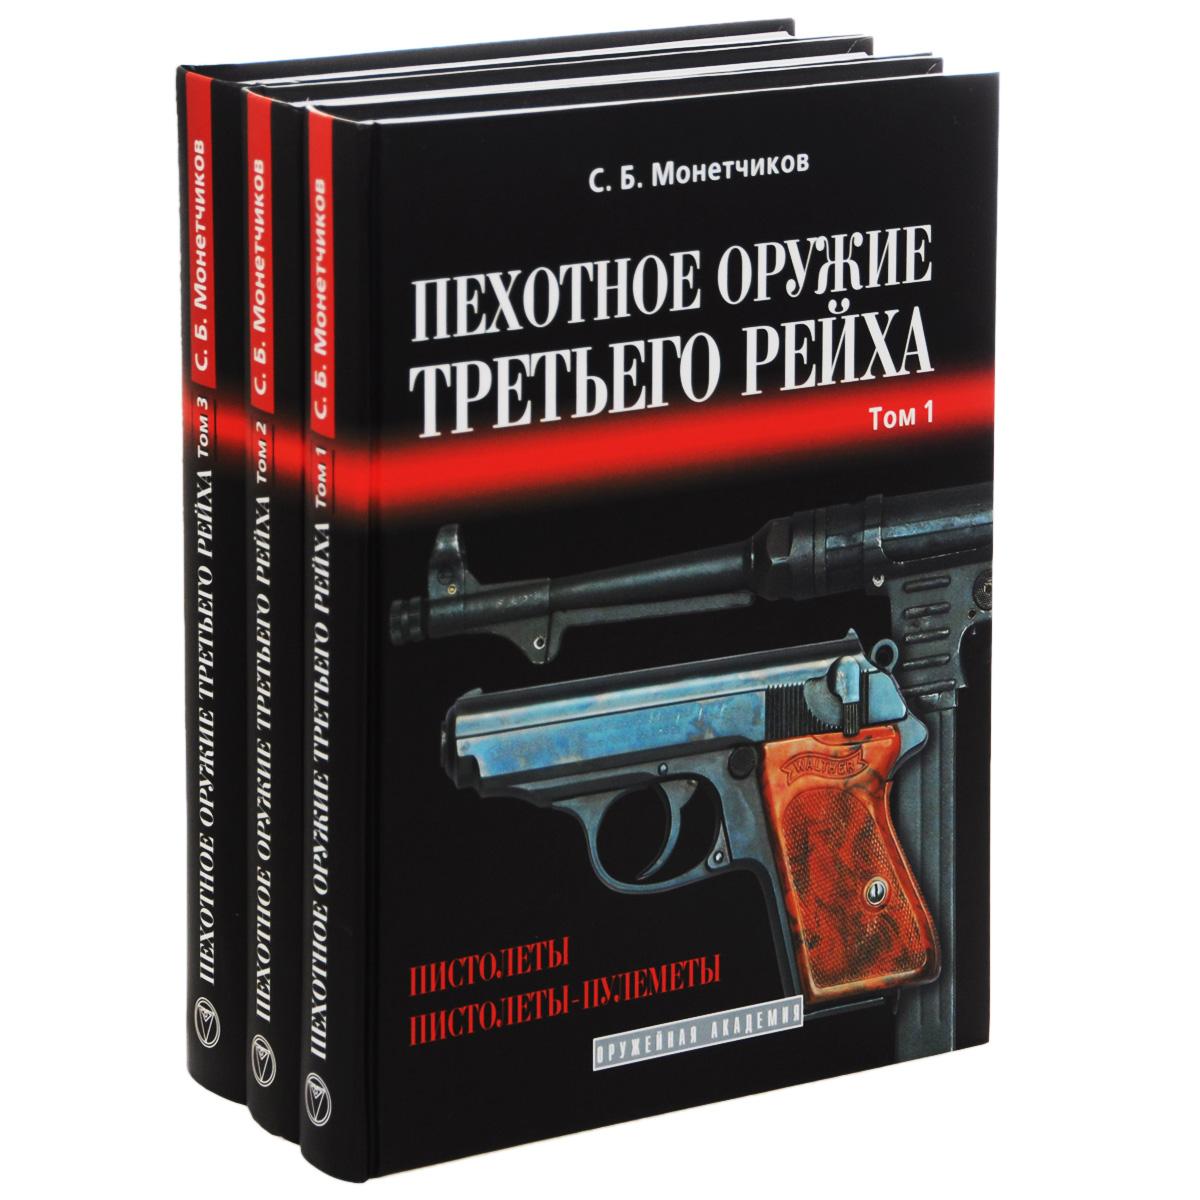 Пехотное оружие Третьего рейха. В 3 томах (комплект)